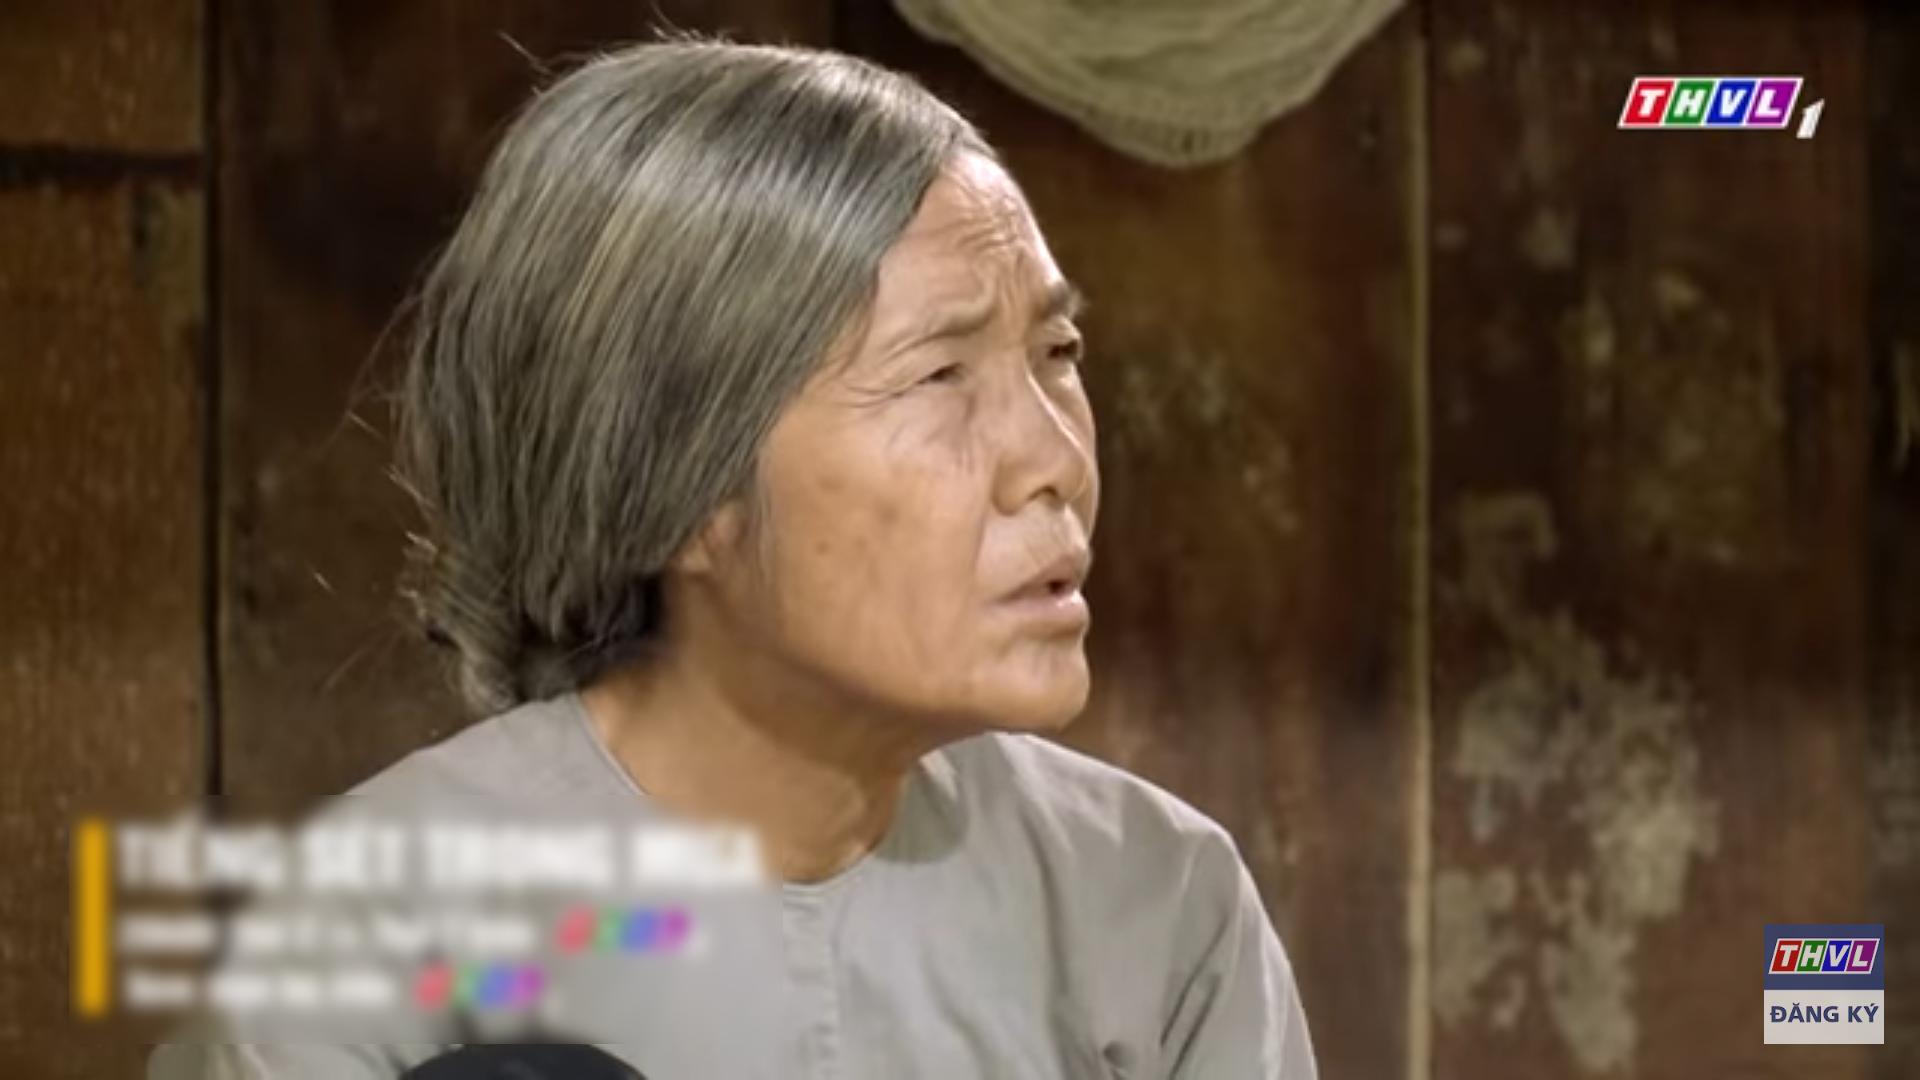 'Tiếng sét trong mưa' trailer tập 42: Hai Sáng lại 'tạo nghiệp' mới, sát hại chồng bà Lẫm vì bị dằn mặt? 9